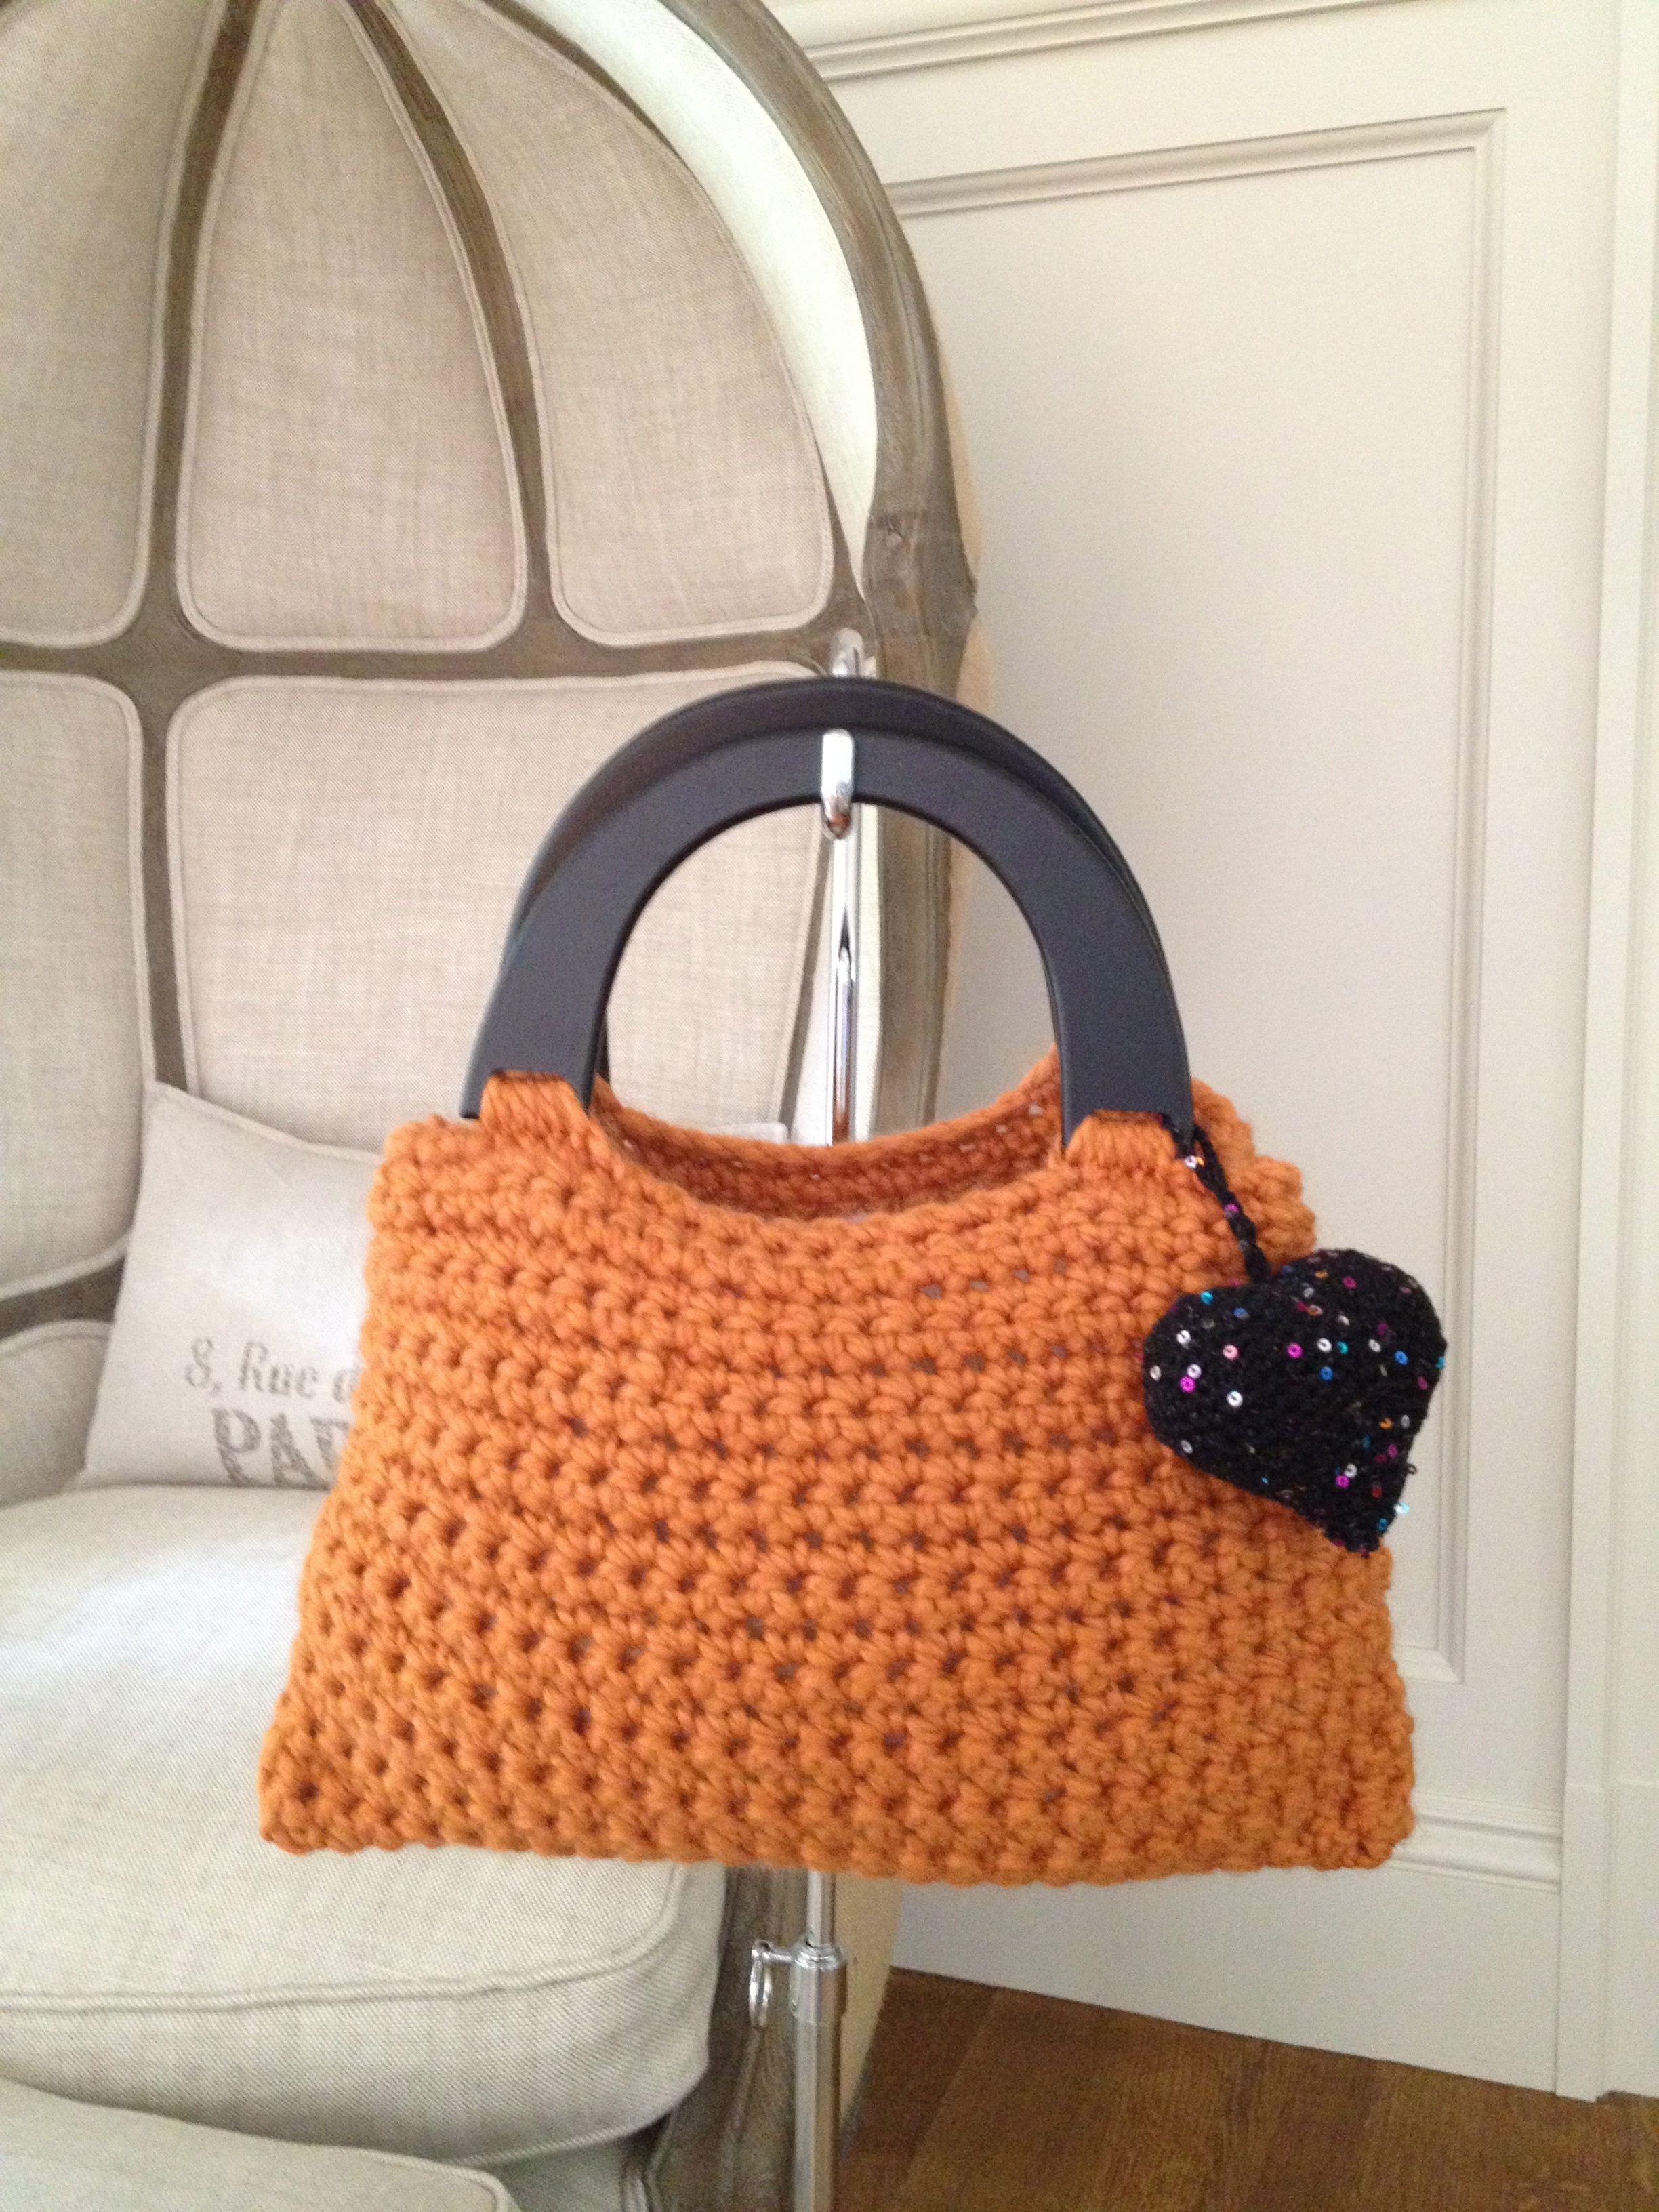 Crochet beauty